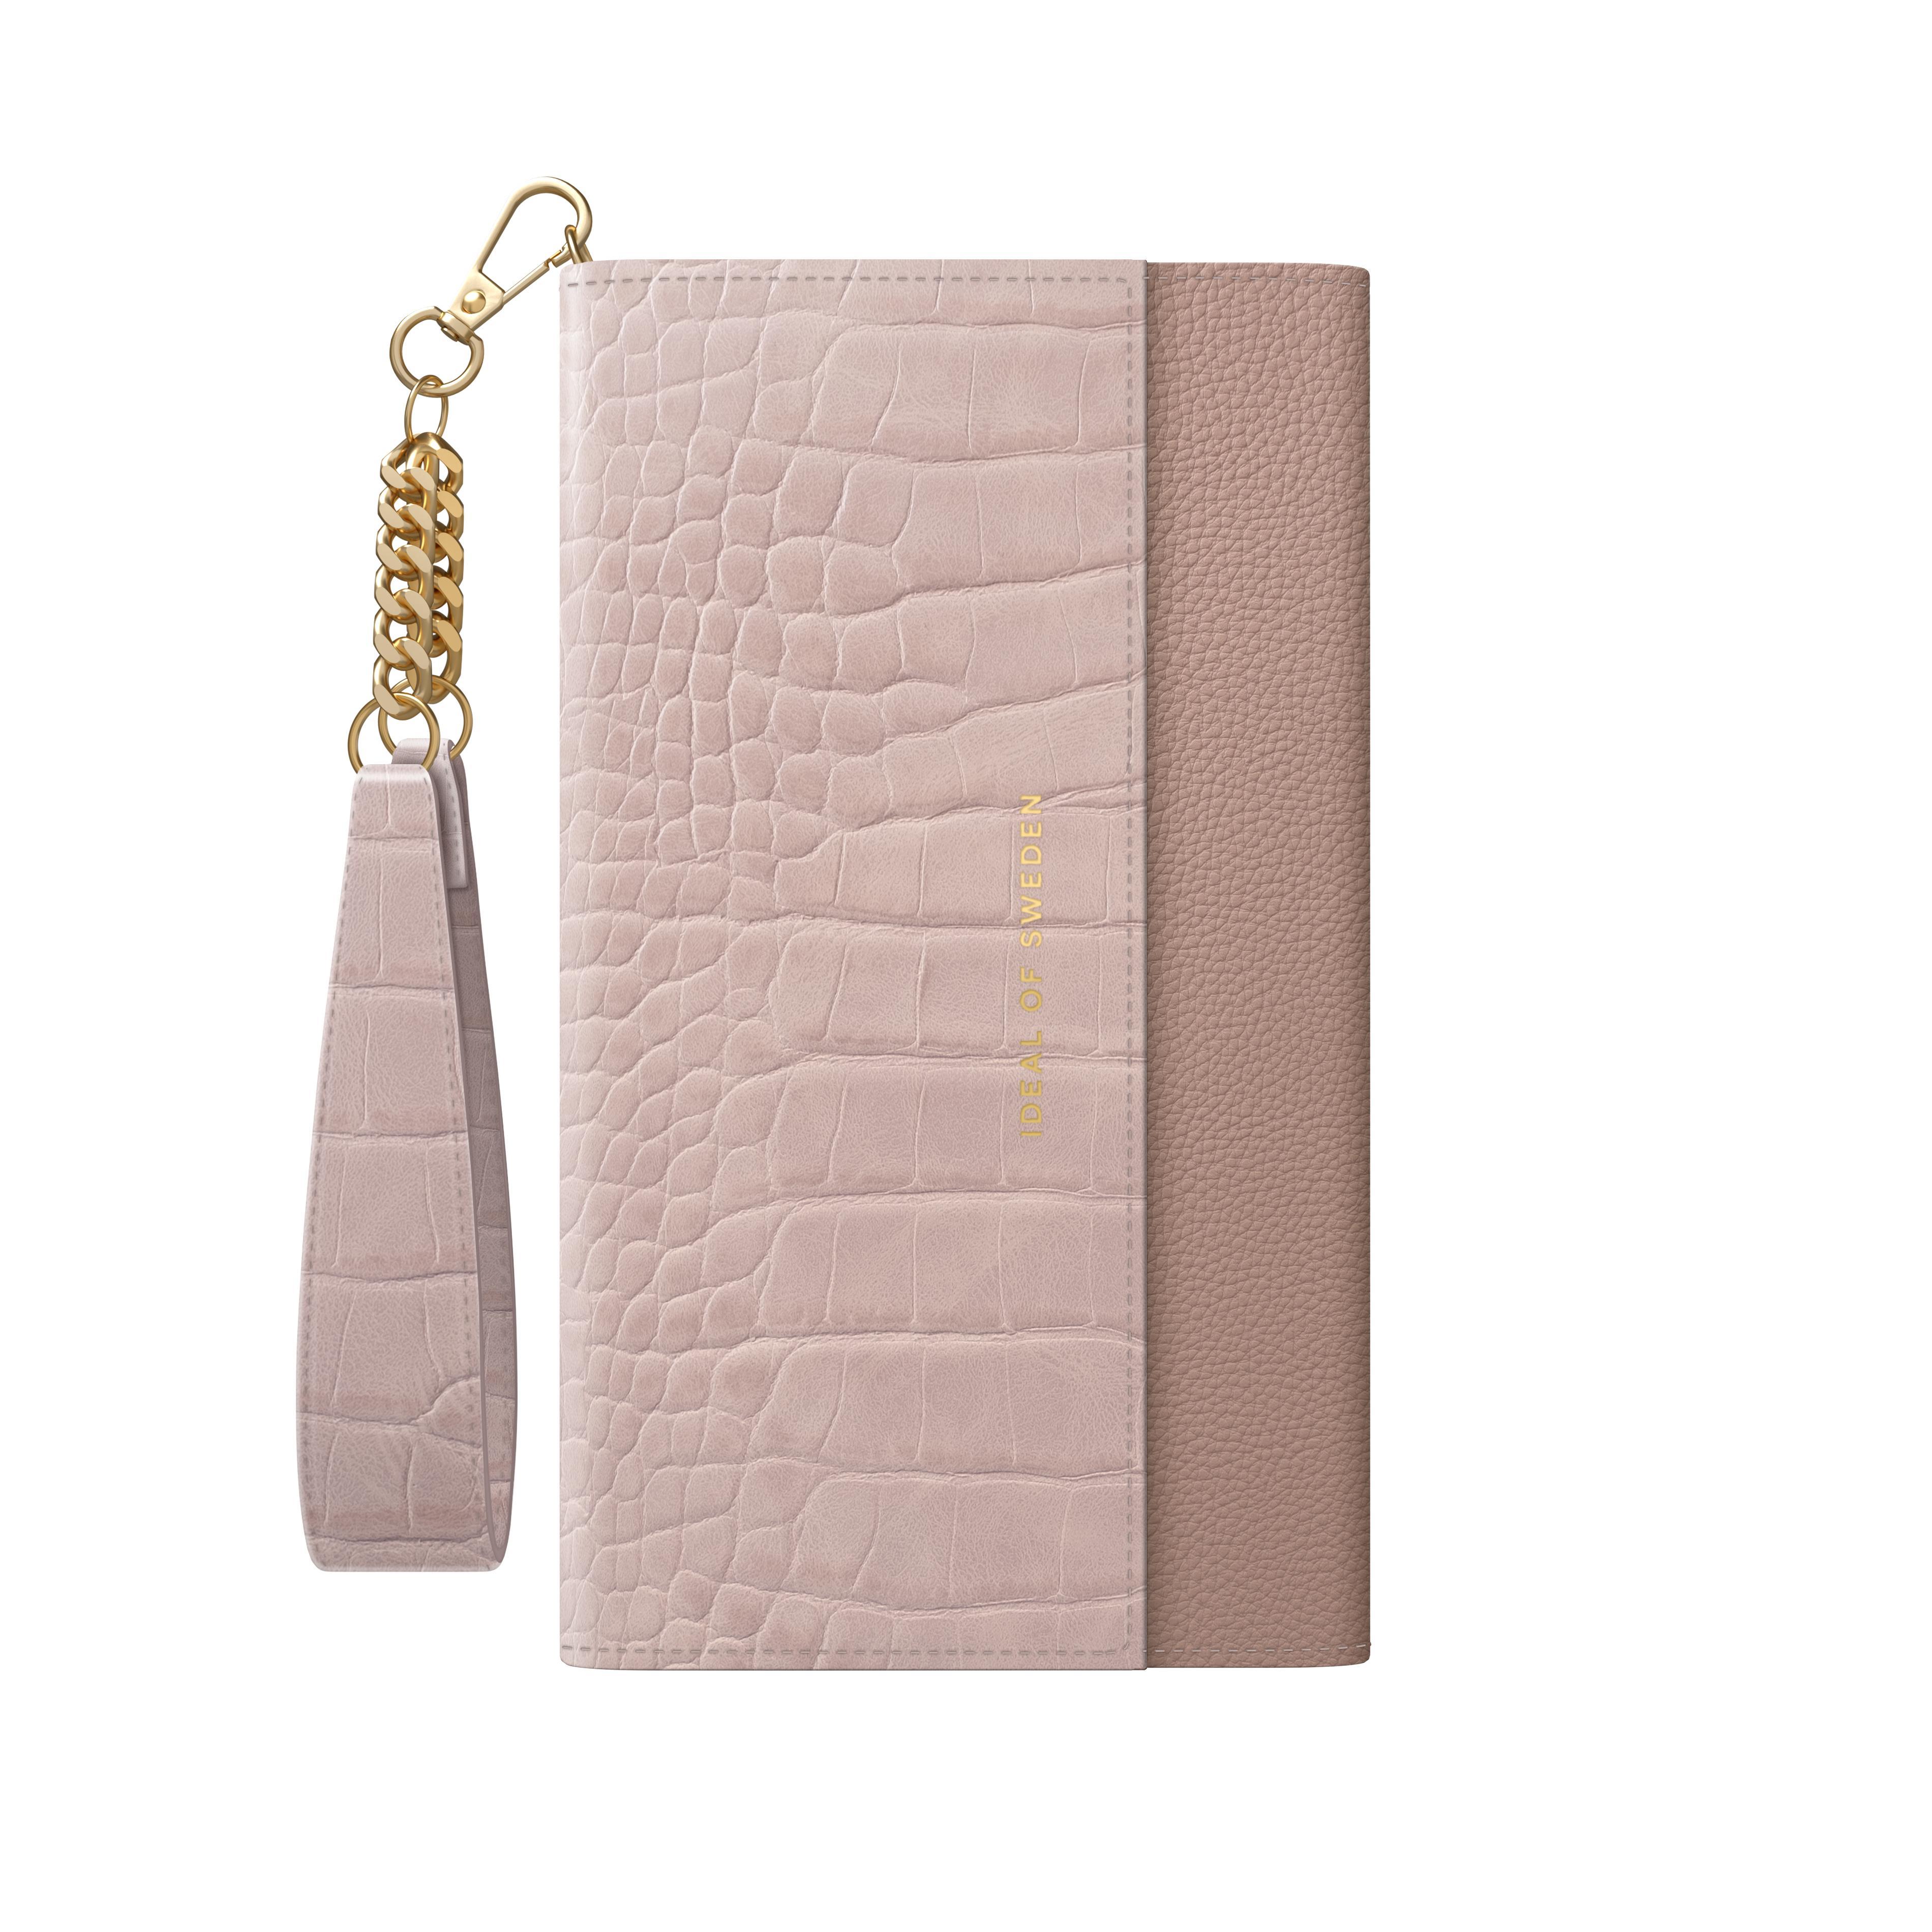 Signature Clutch iPhone 12/12 Pro Misty Rose Croco